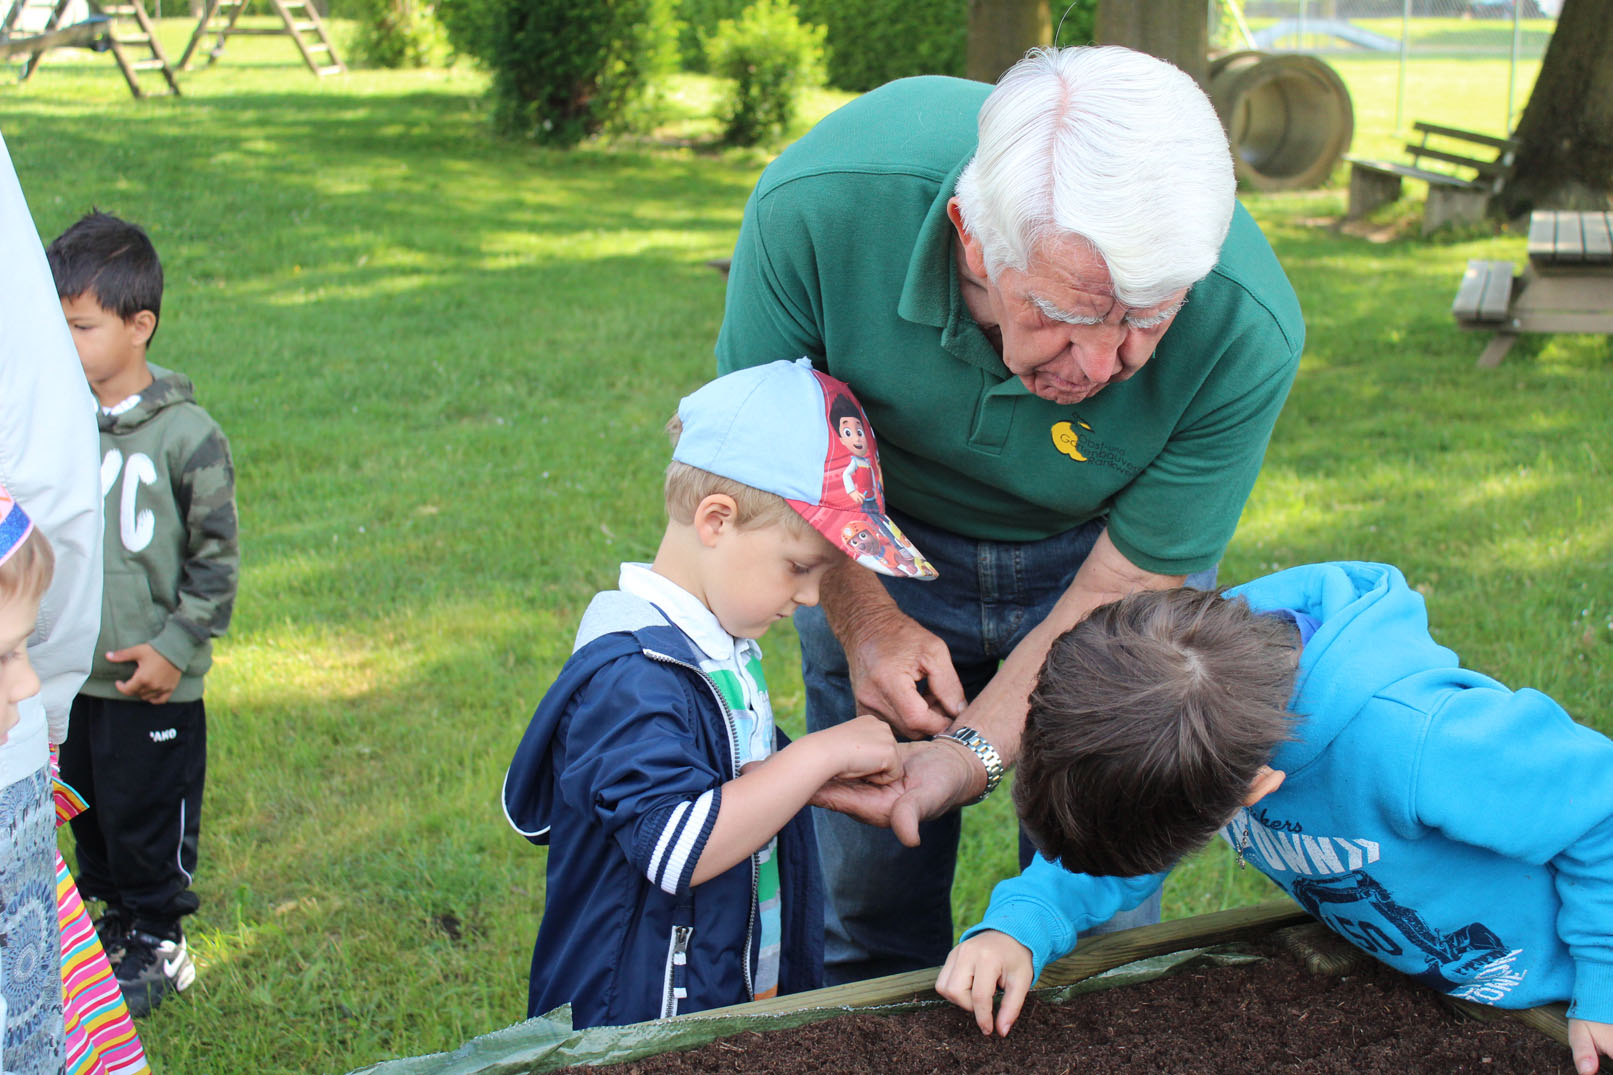 Gartenarbeit zum Anfassen – Vater Tag im